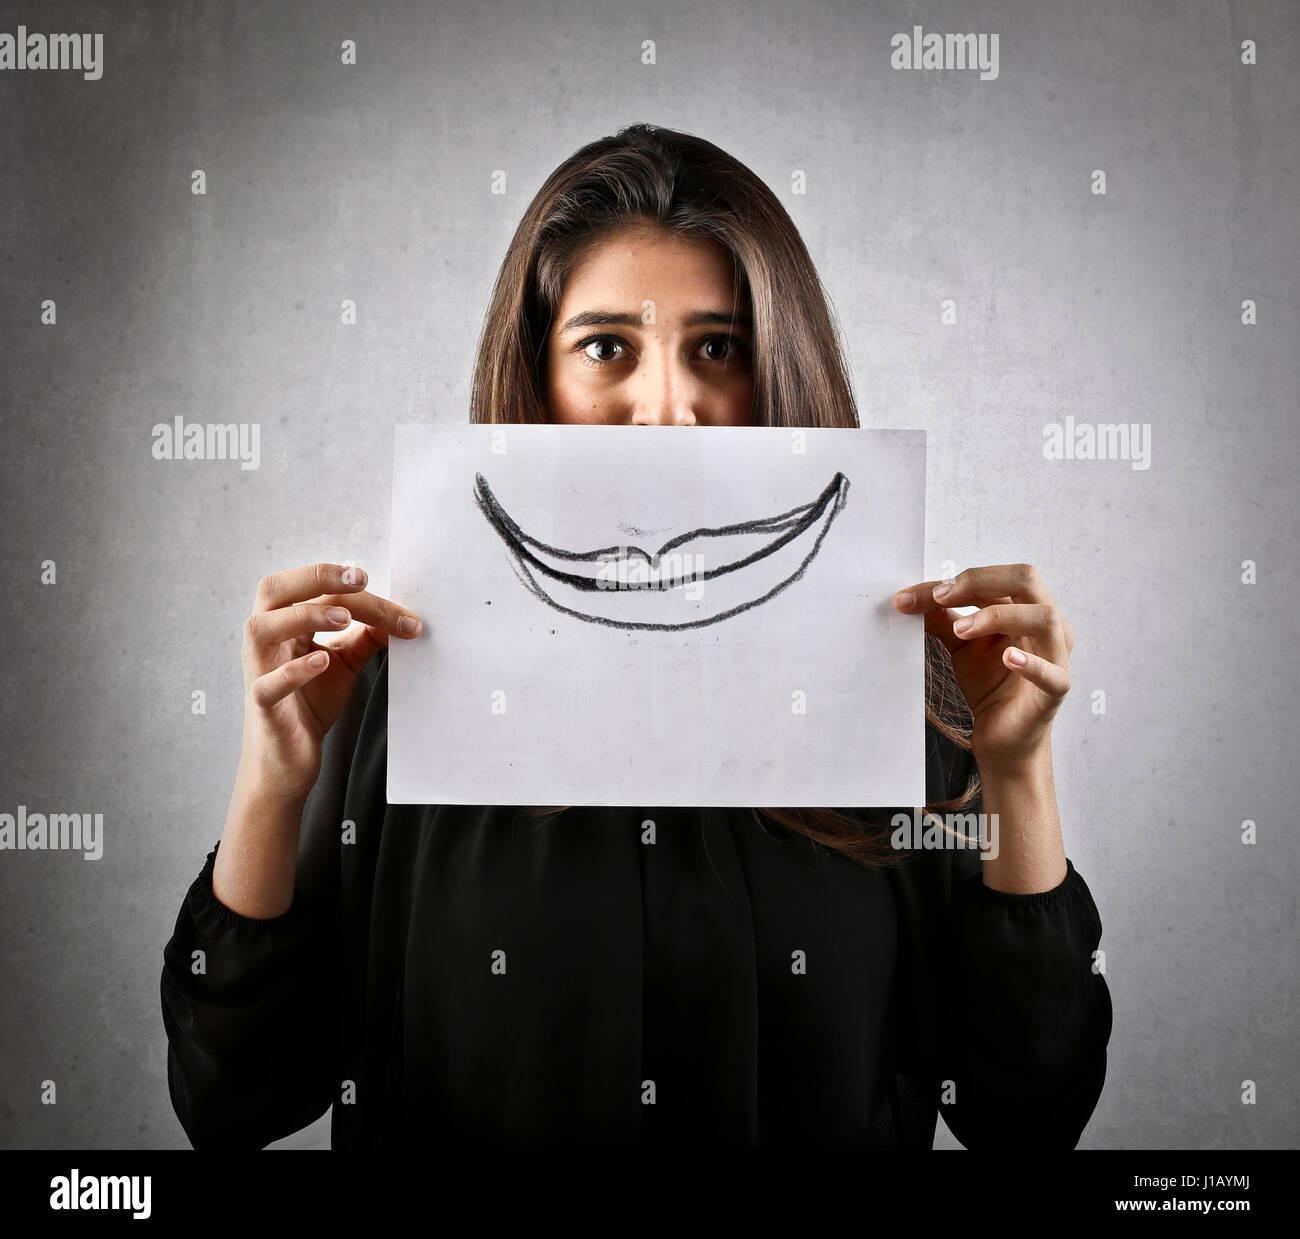 Frau mit gezogenen Mund auf Papier Stockfoto